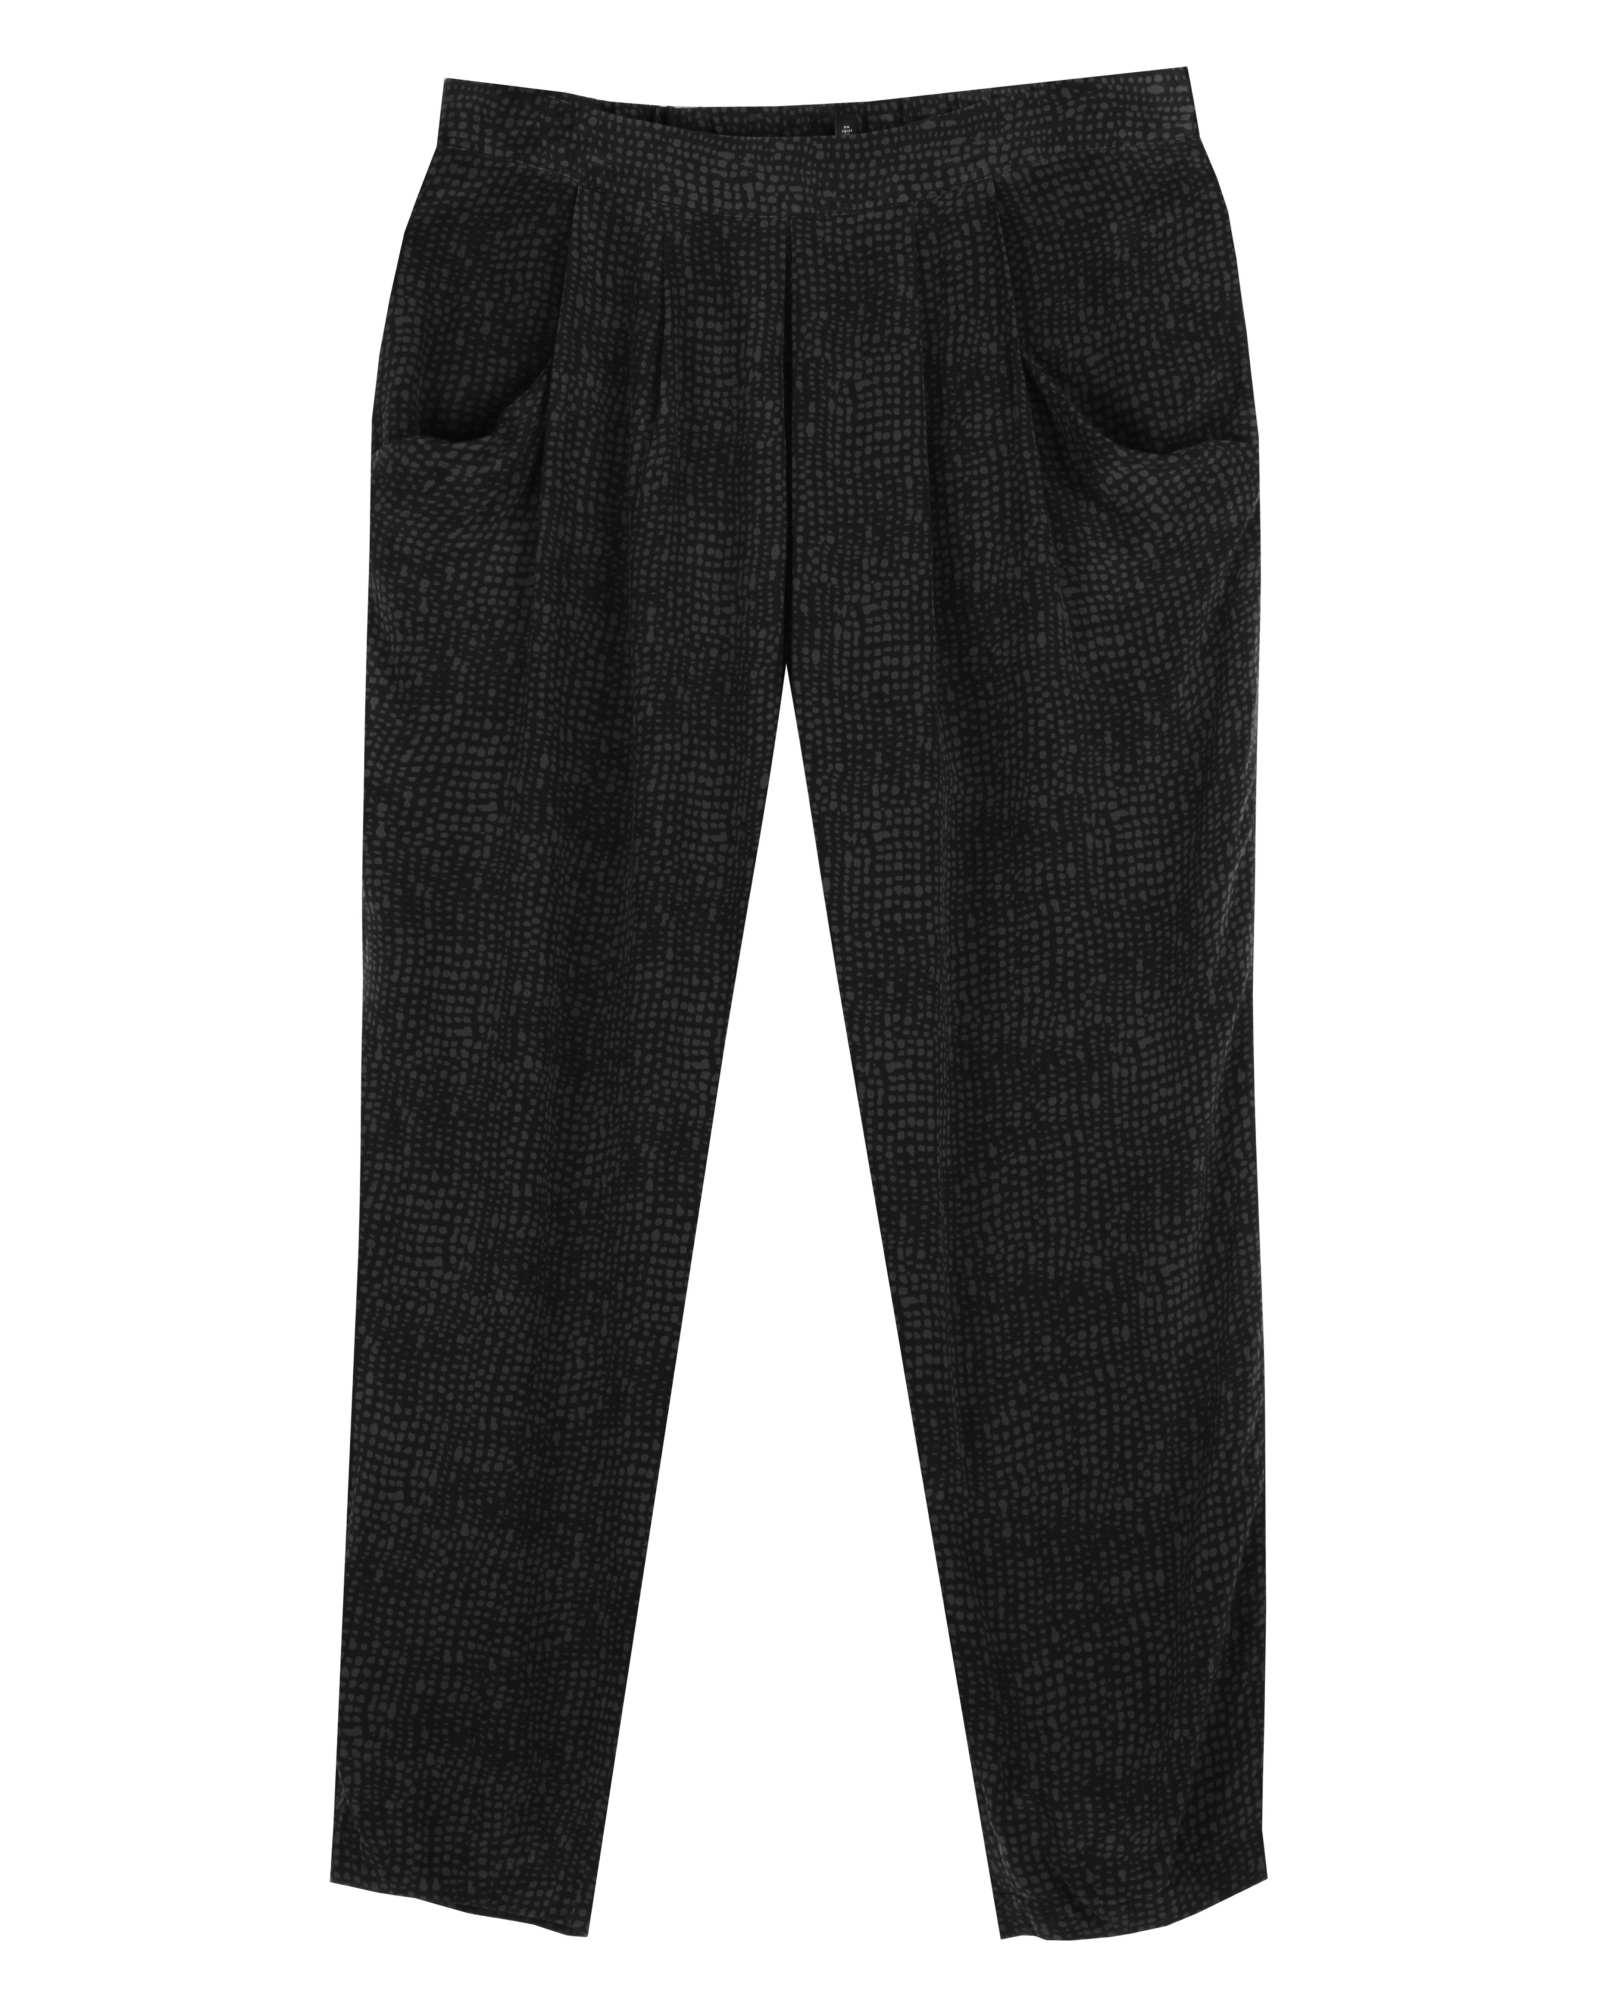 Multi-Tonal Linen Lace Pant